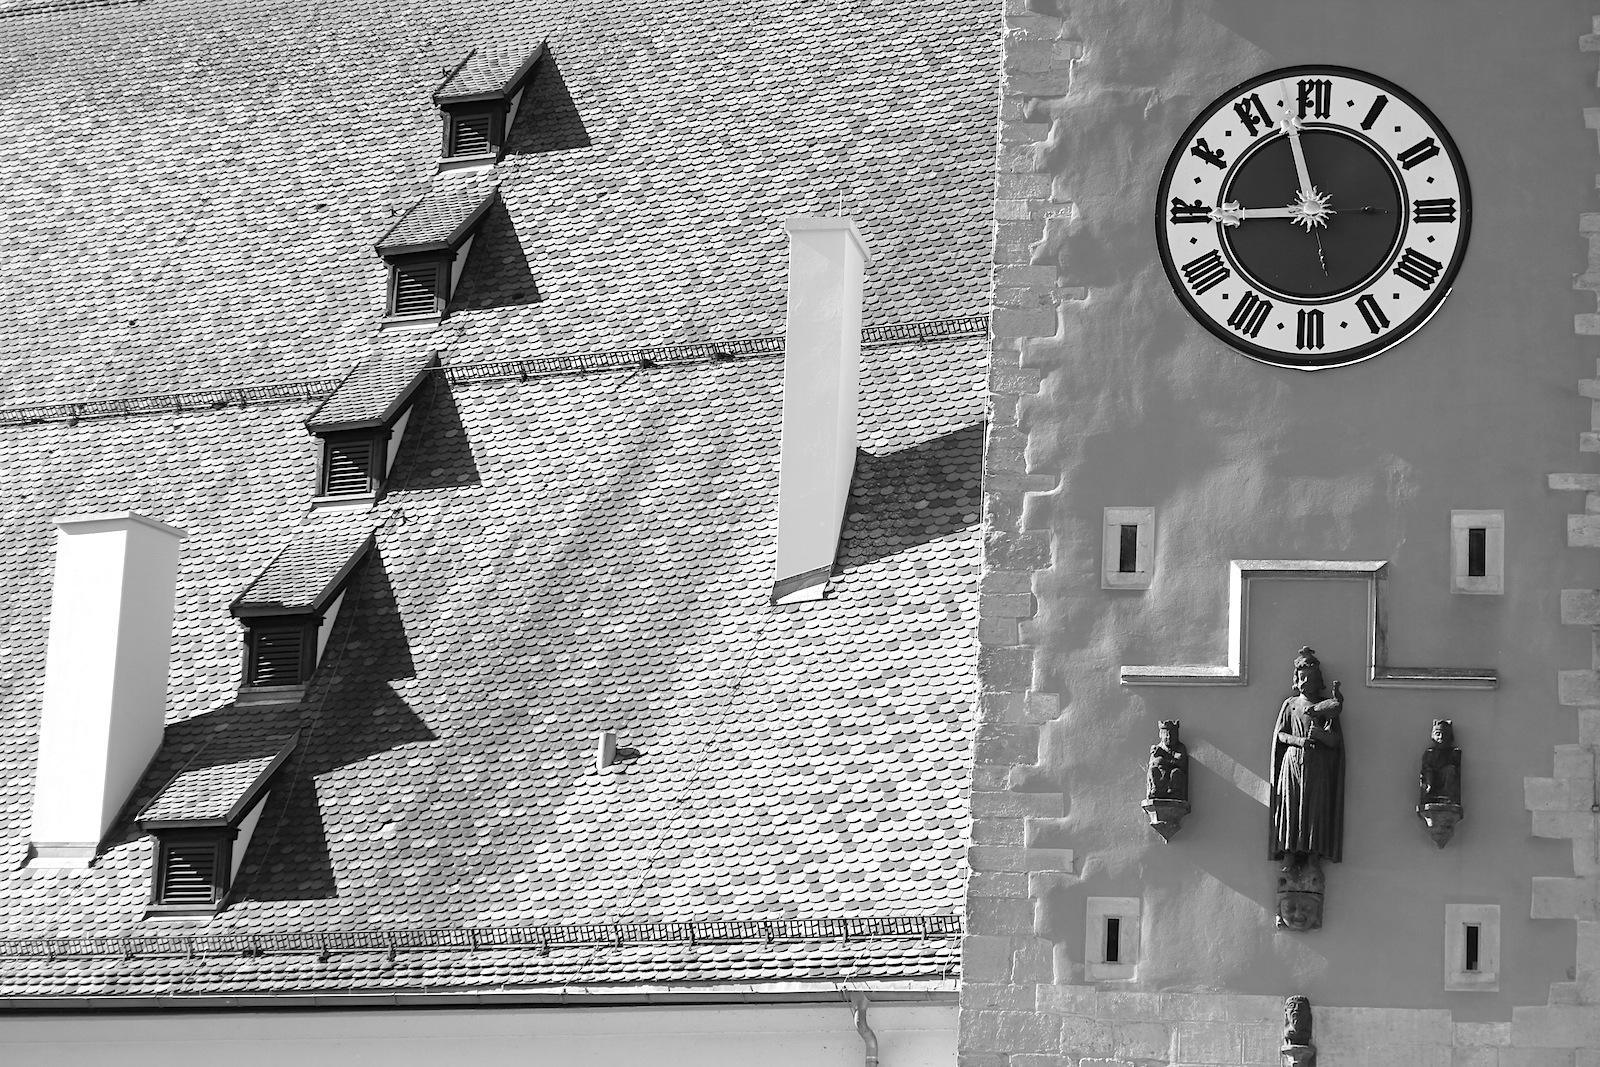 Salz.  Der Salzstadel mit dem abgewalmten Satteldach und fünf Speichergeschossen aus dem 17. Jahrhundert.  1991 wurde der Stadel von Grund auf saniert.